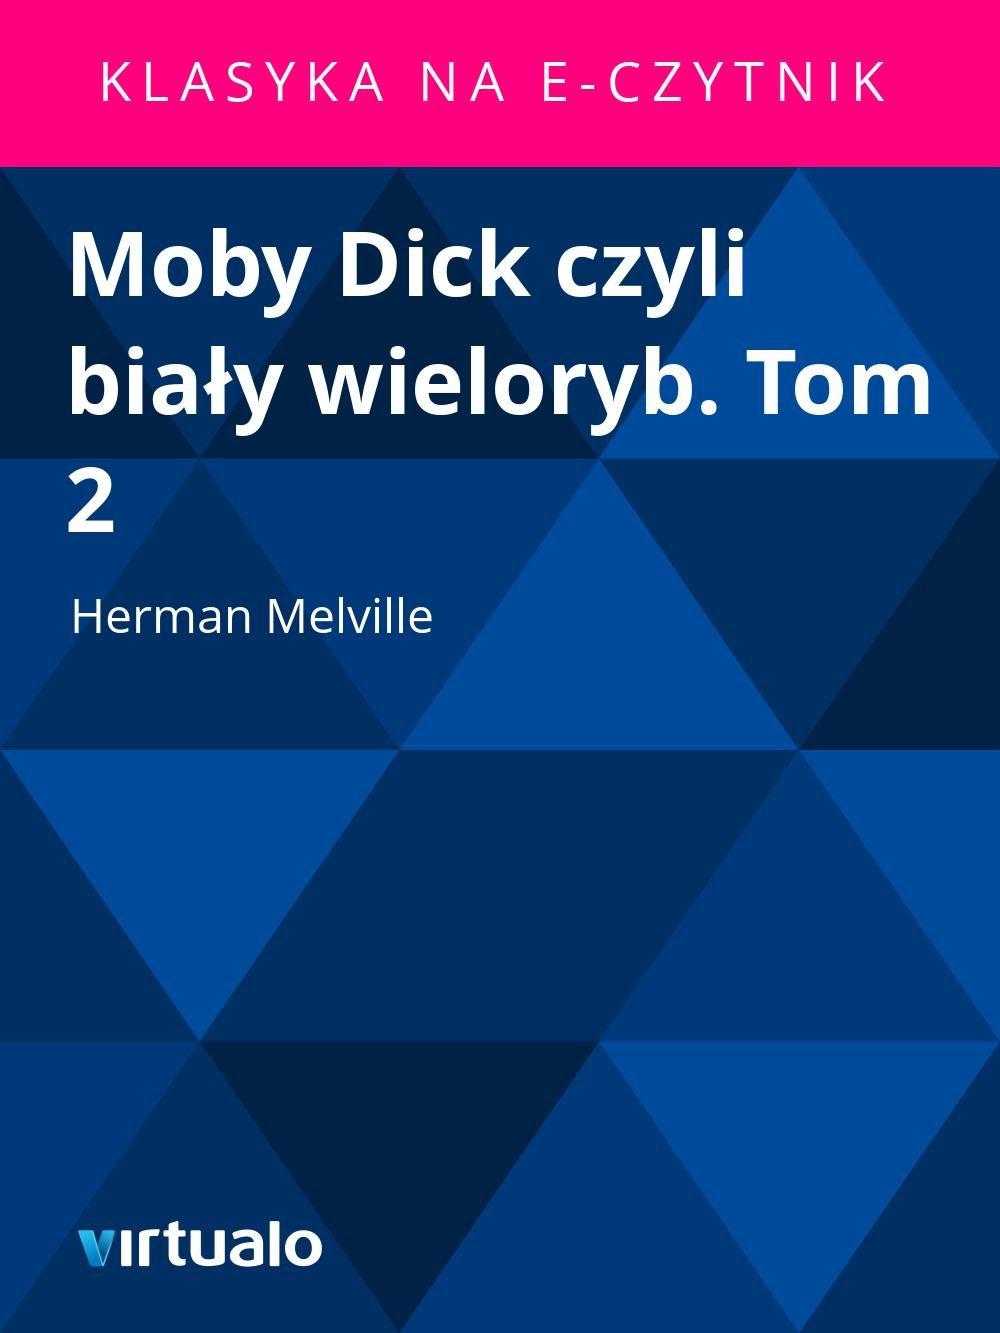 Moby Dick czyli biały wieloryb. Tom 2 - Ebook (Książka EPUB) do pobrania w formacie EPUB